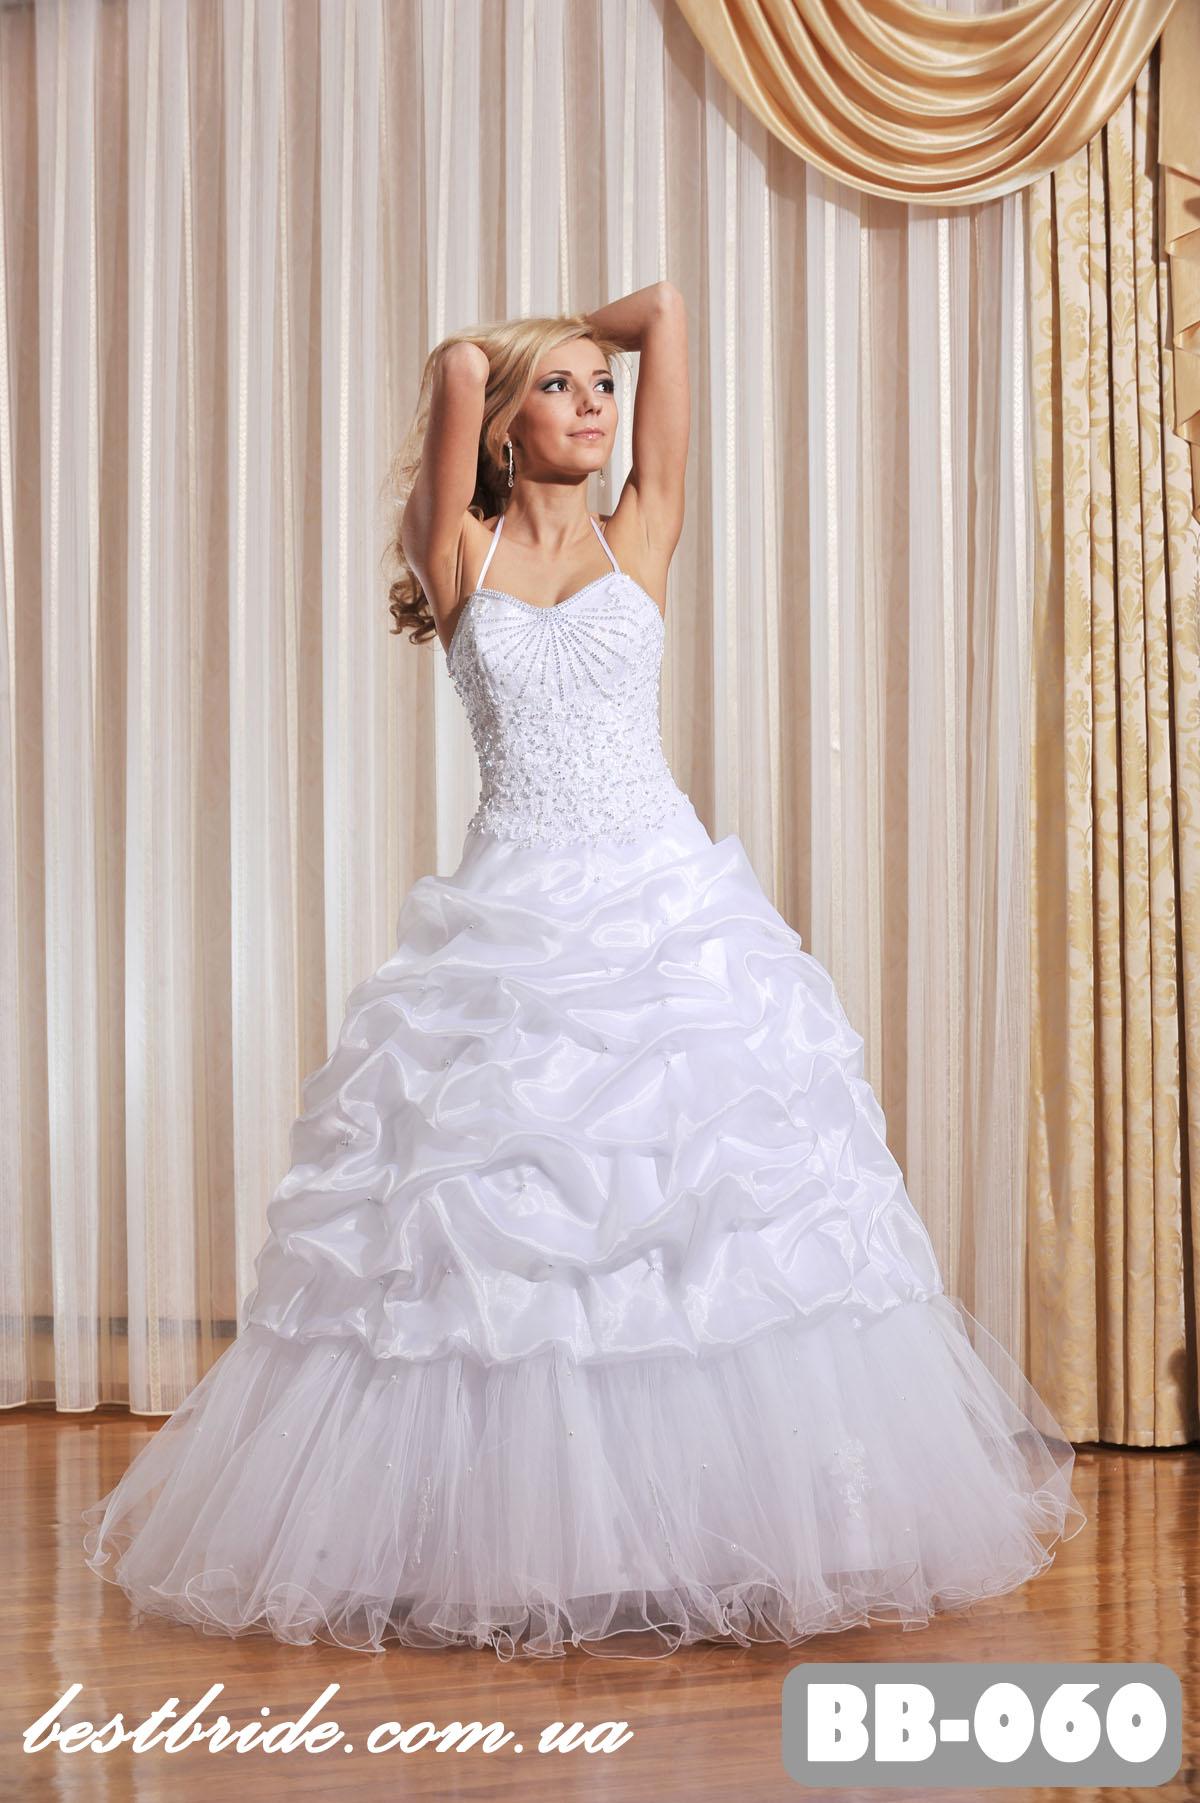 Свадебные салоны, недорого